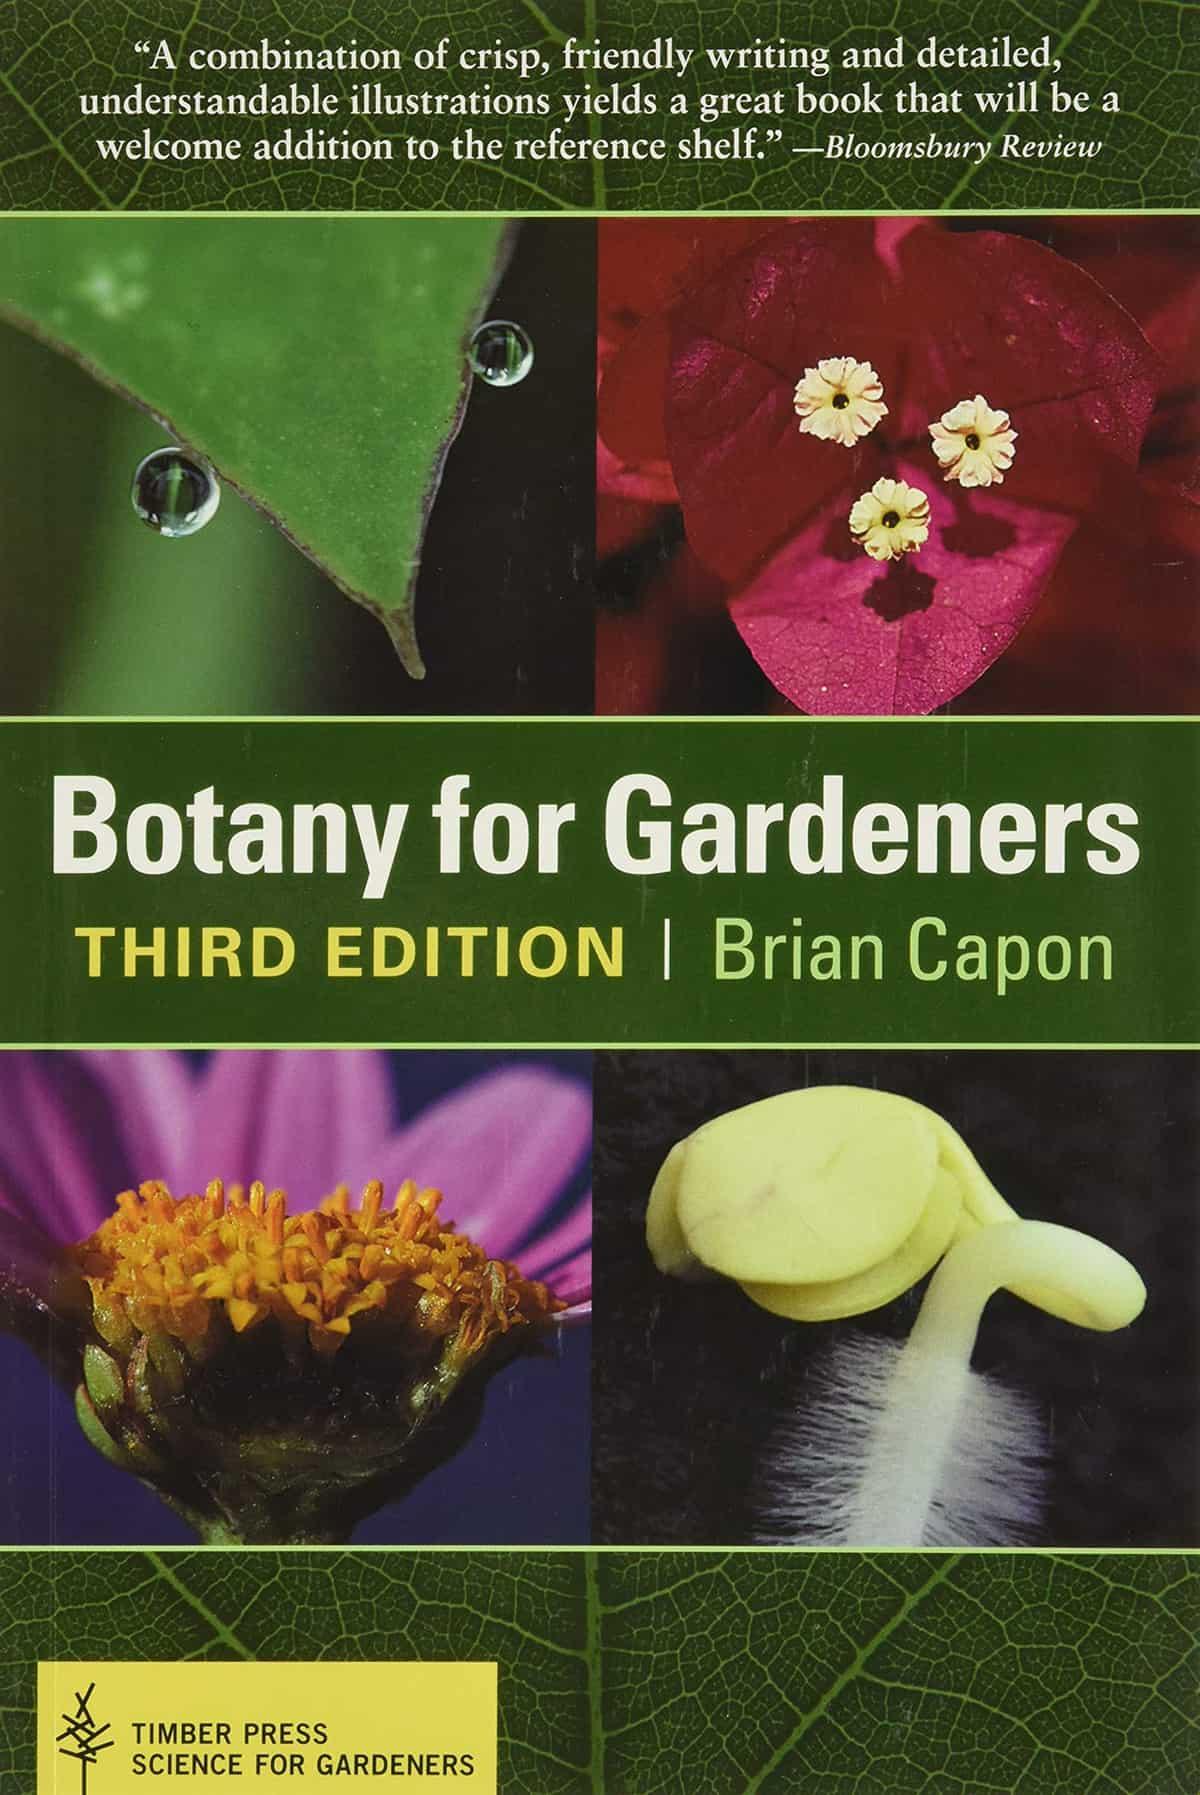 libro de botánica para jardineros brian capon